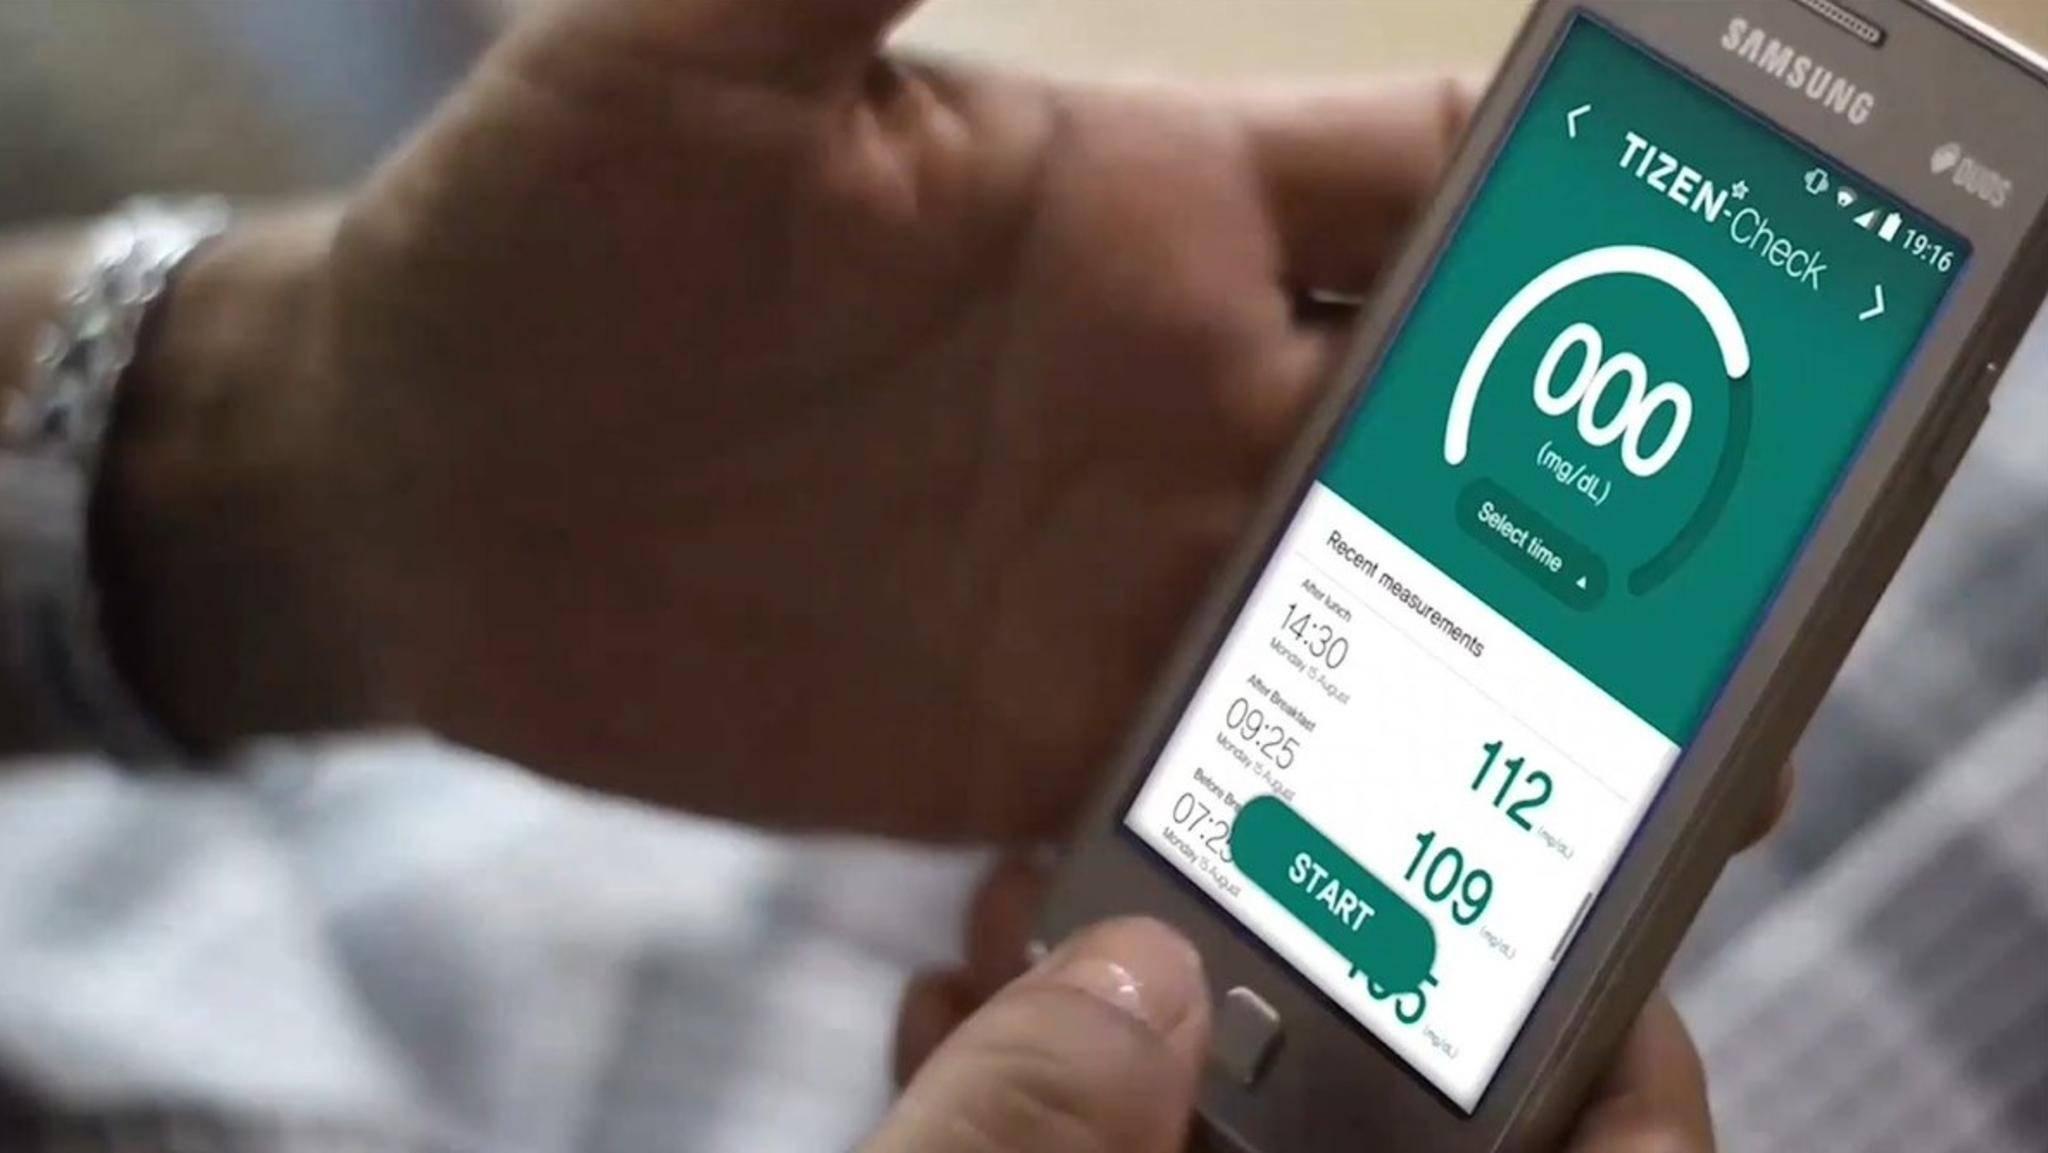 Tizen Check testet den Blutzuckerwert via Smartphone.